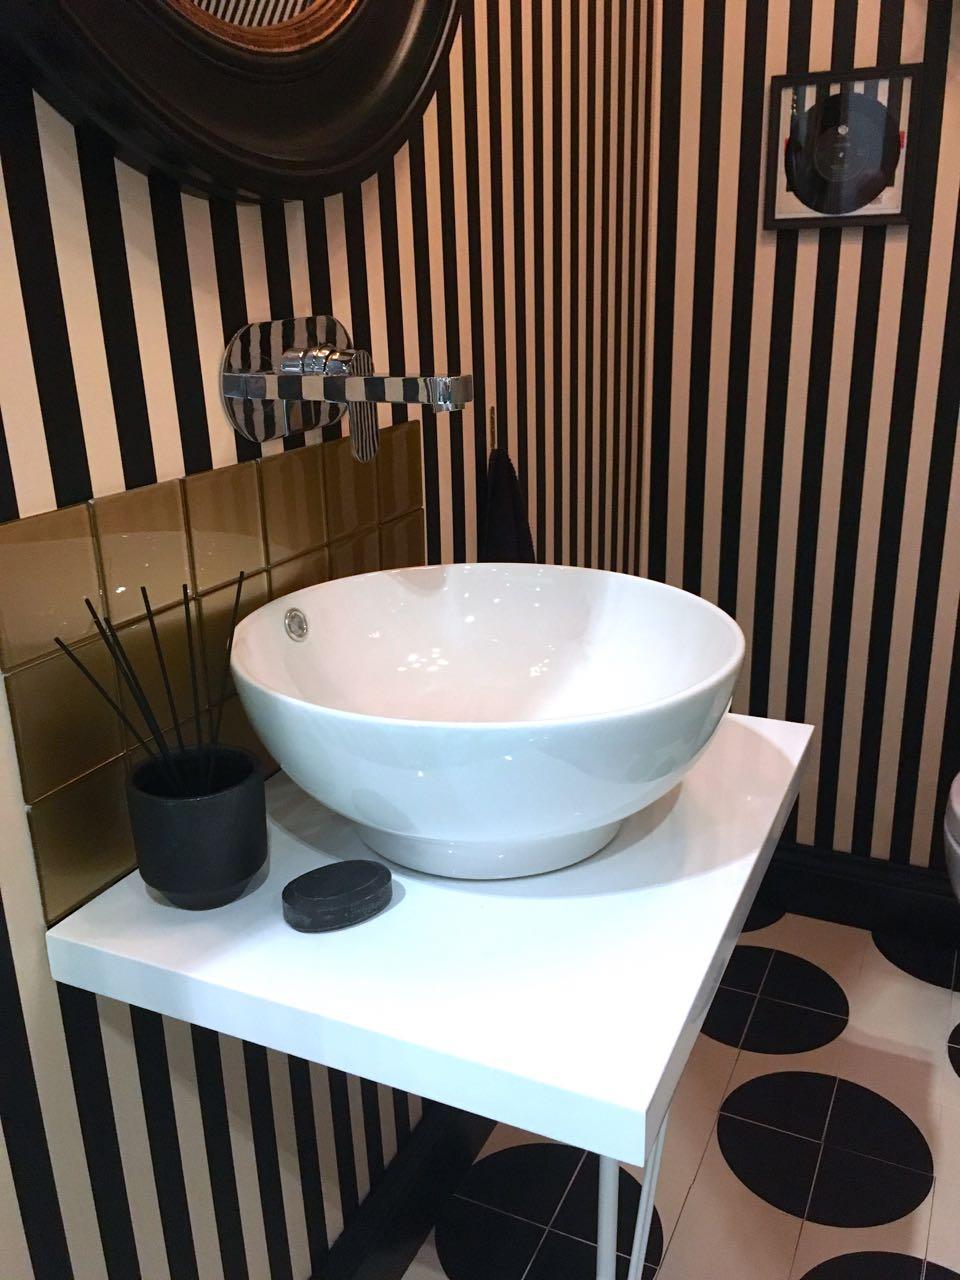 Spots stripes and a brilliant white washbasin